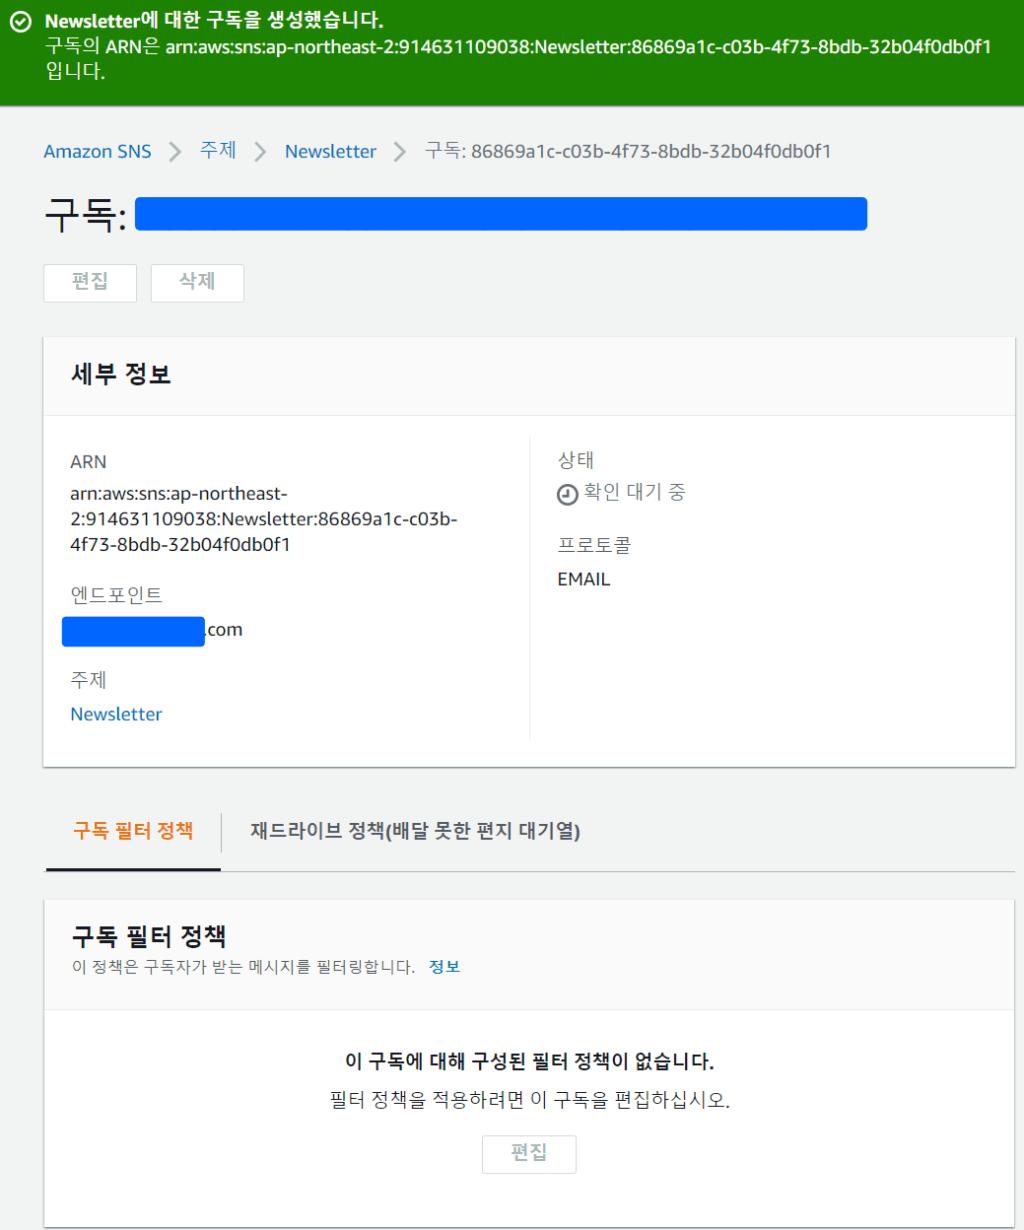 아마존 SNS 서비스- 구독 생성 완료 메세지